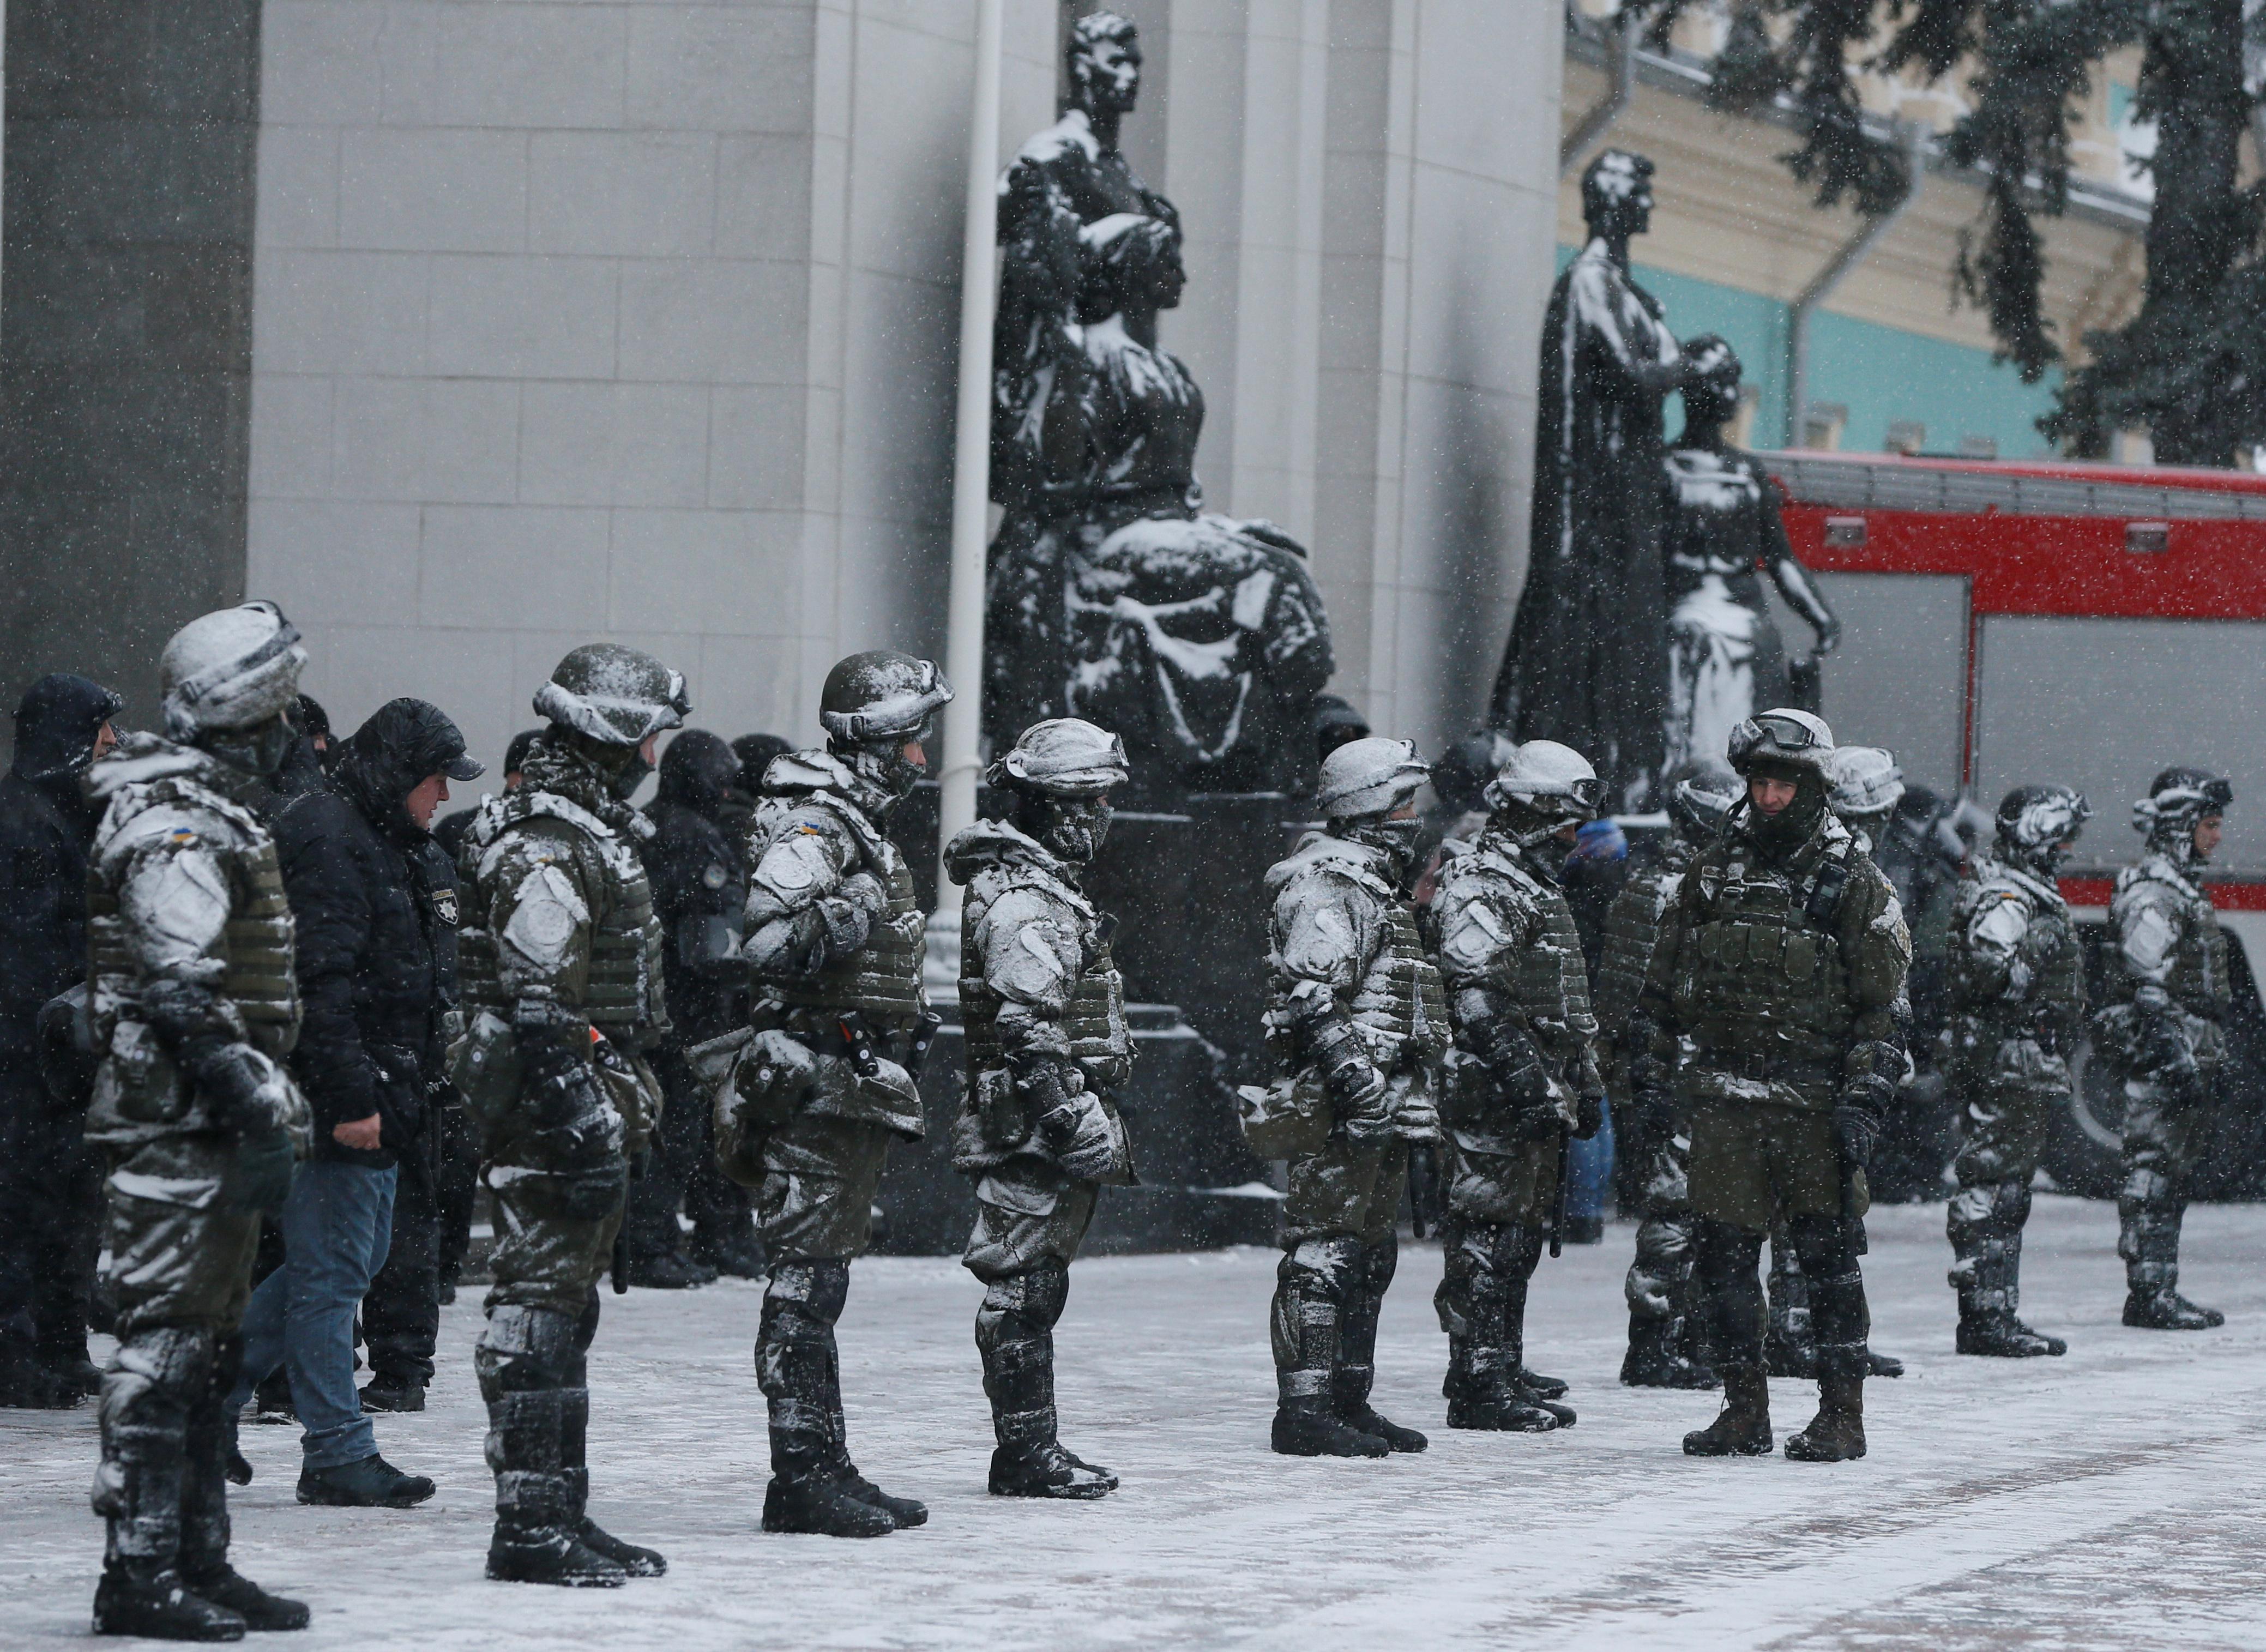 Image for Реформы в сфере безопасности, развитие стойкости и гражданского общества в Украине